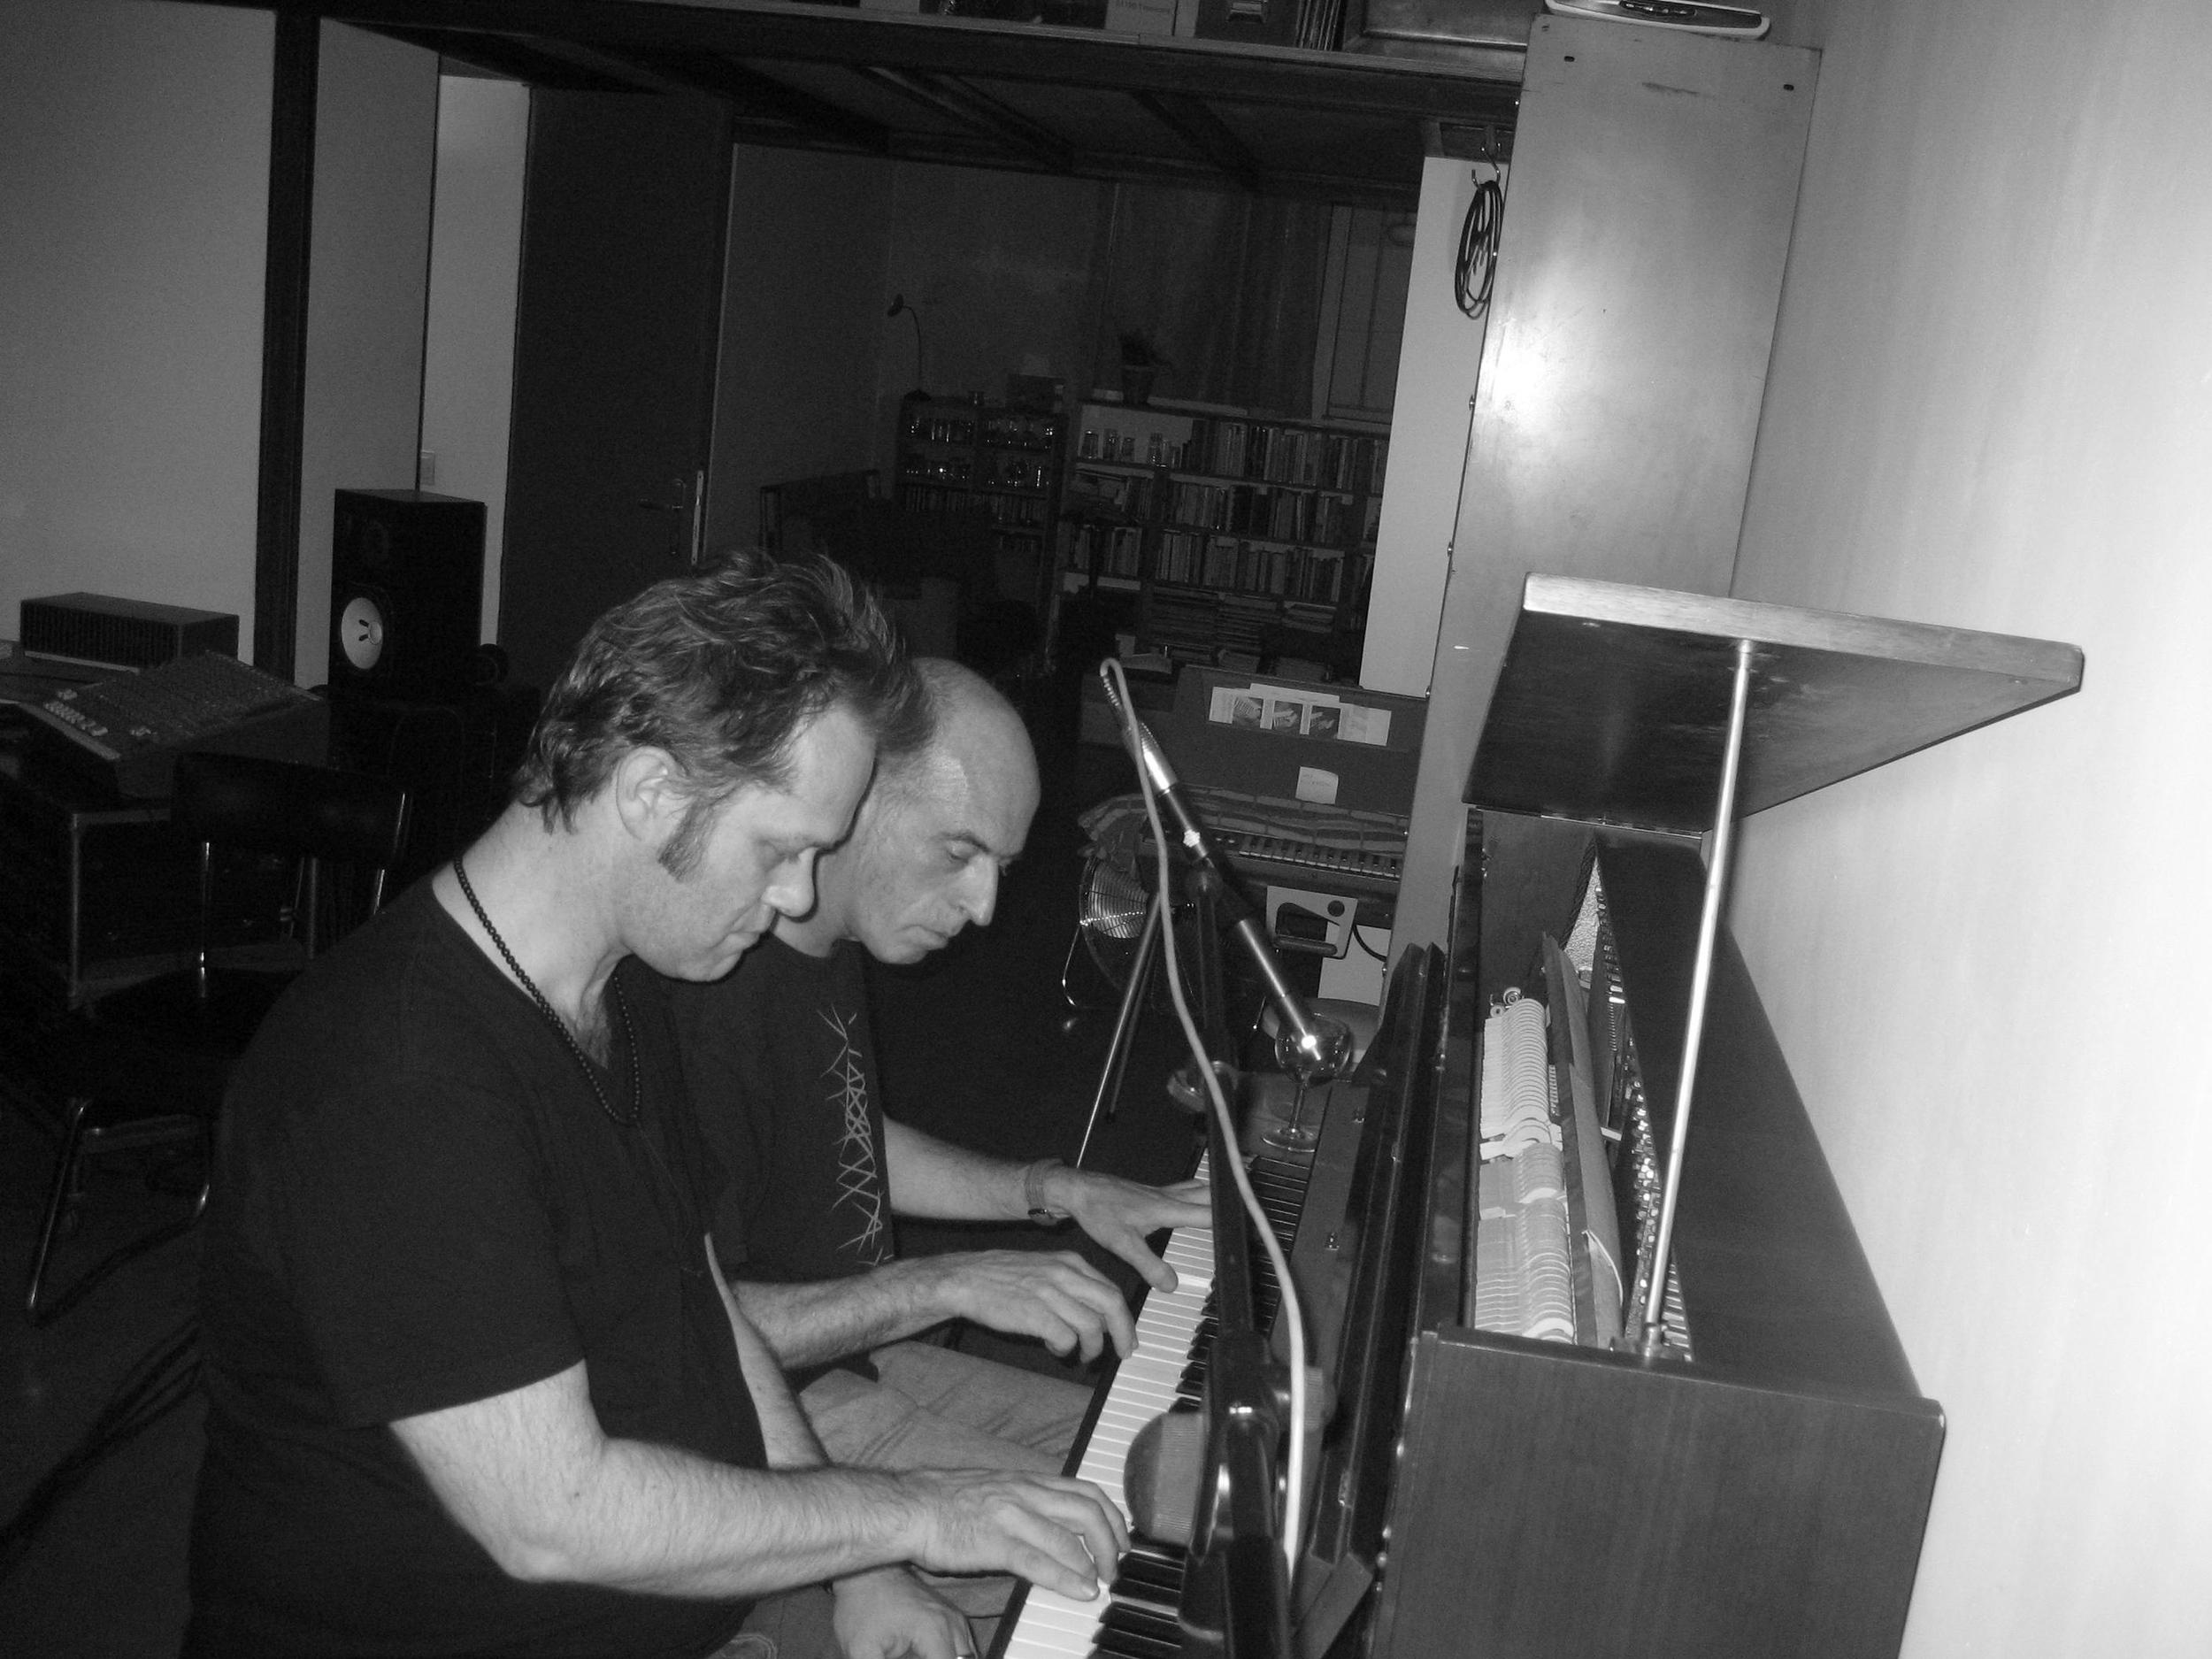 With Jean Jacques Palix. Studio 64, Paris. September 2007